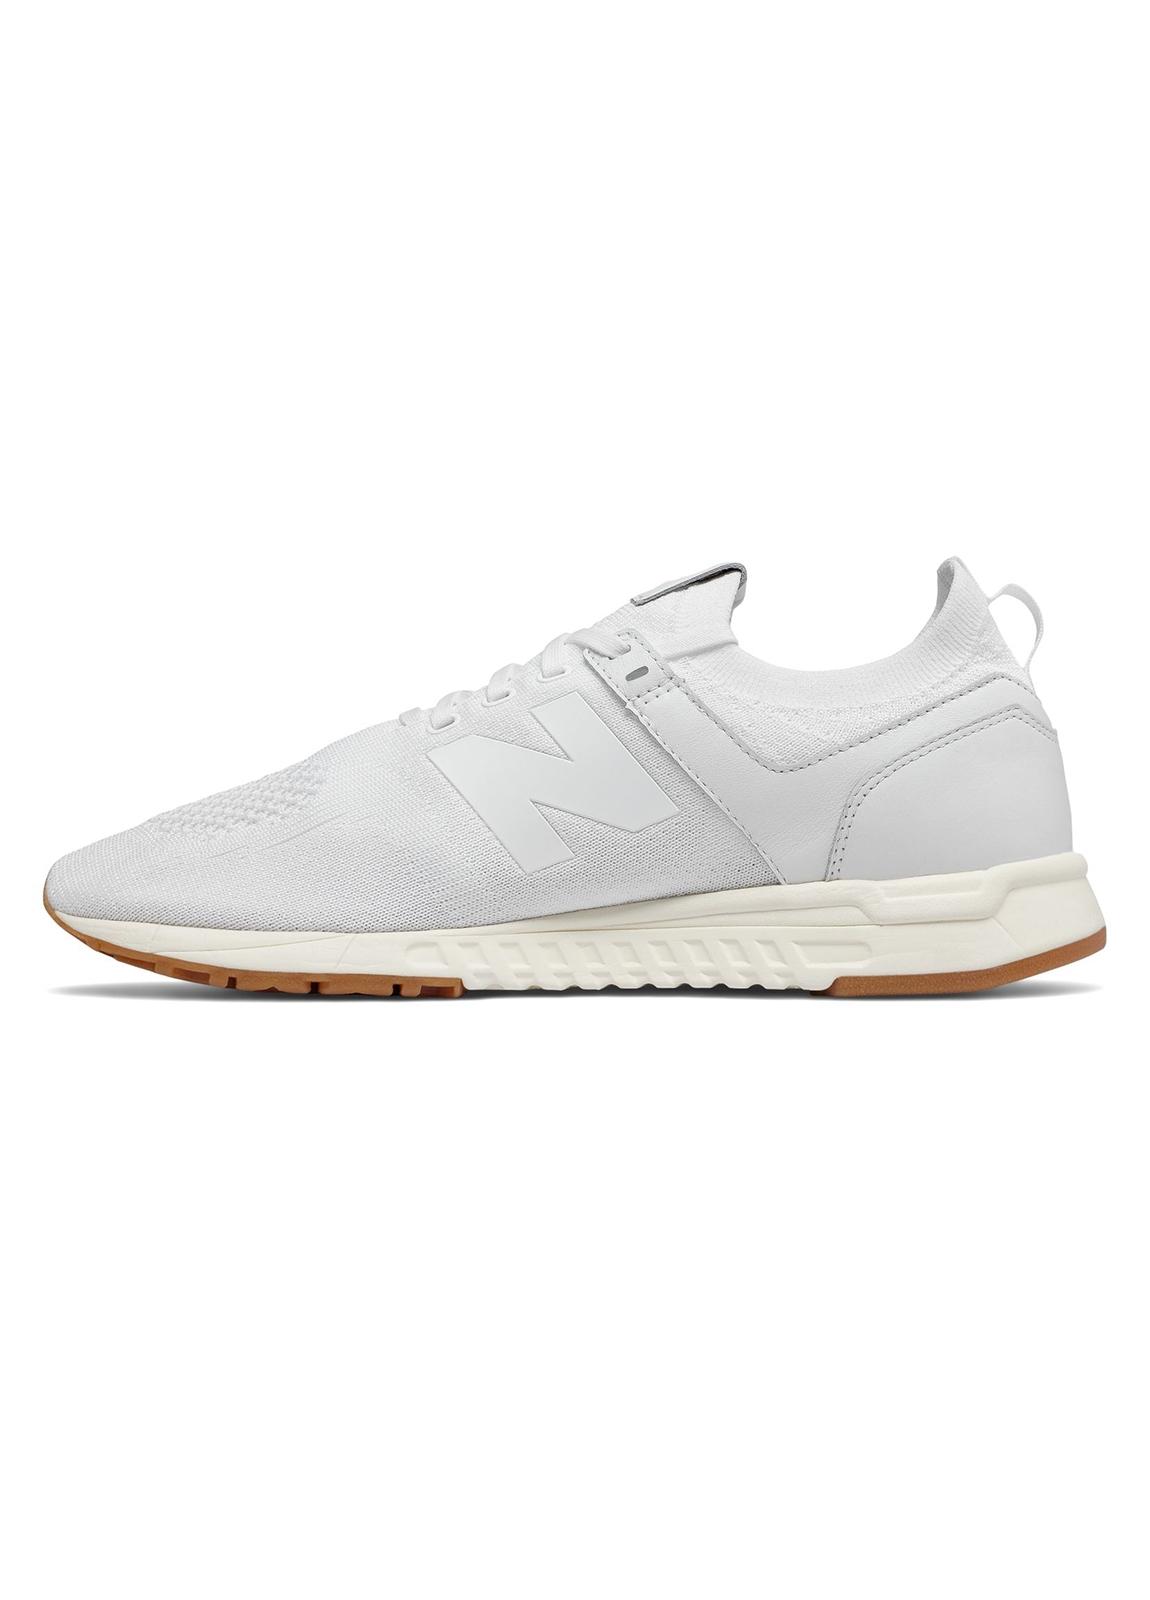 Sneaker hombre MRL247 color blanco, piel y malla. - Ítem3